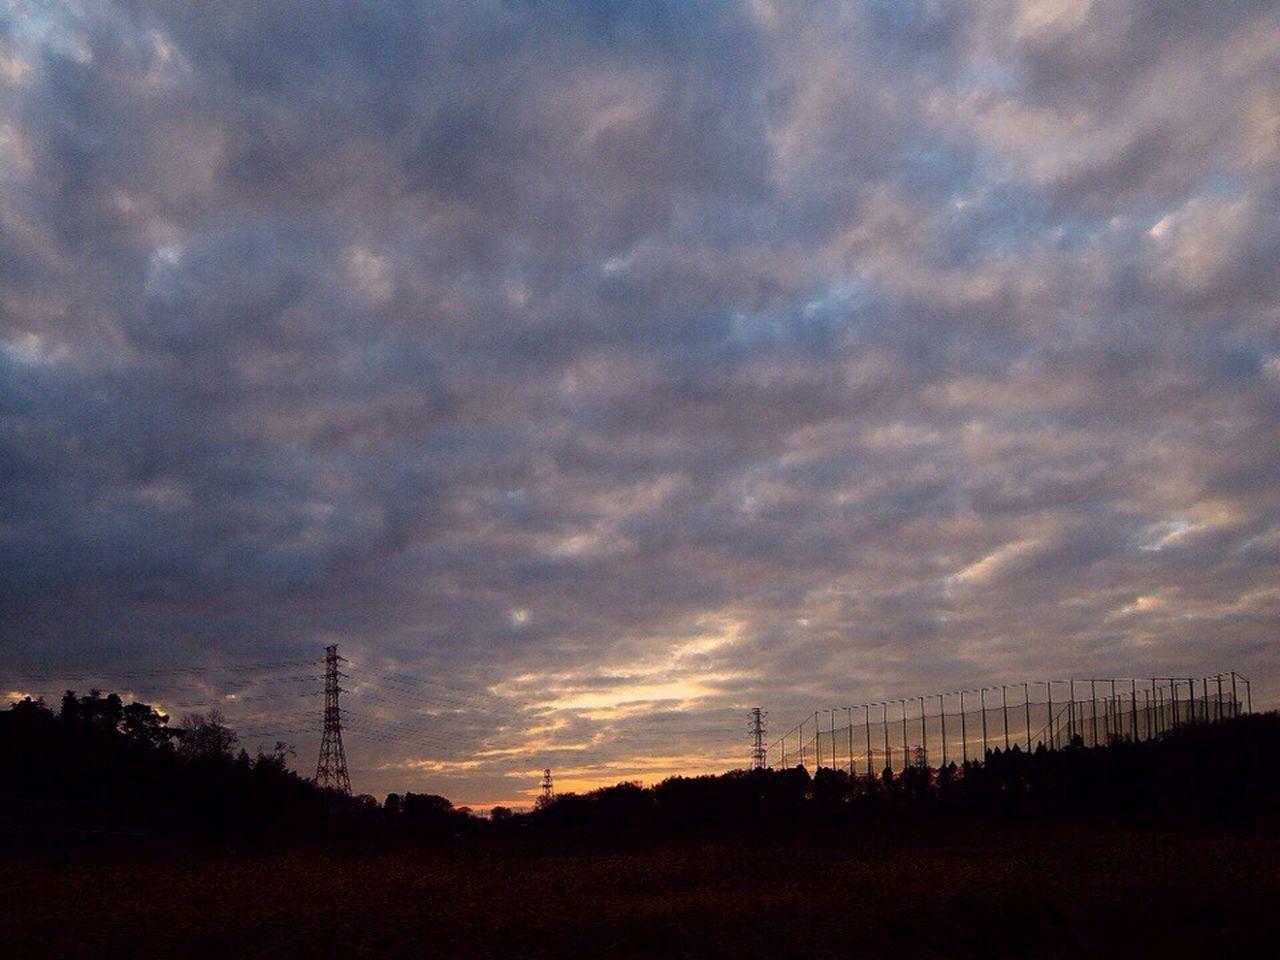 おつかれさま。 Twilight 夕暮れ時 おつかれさま NikonP330